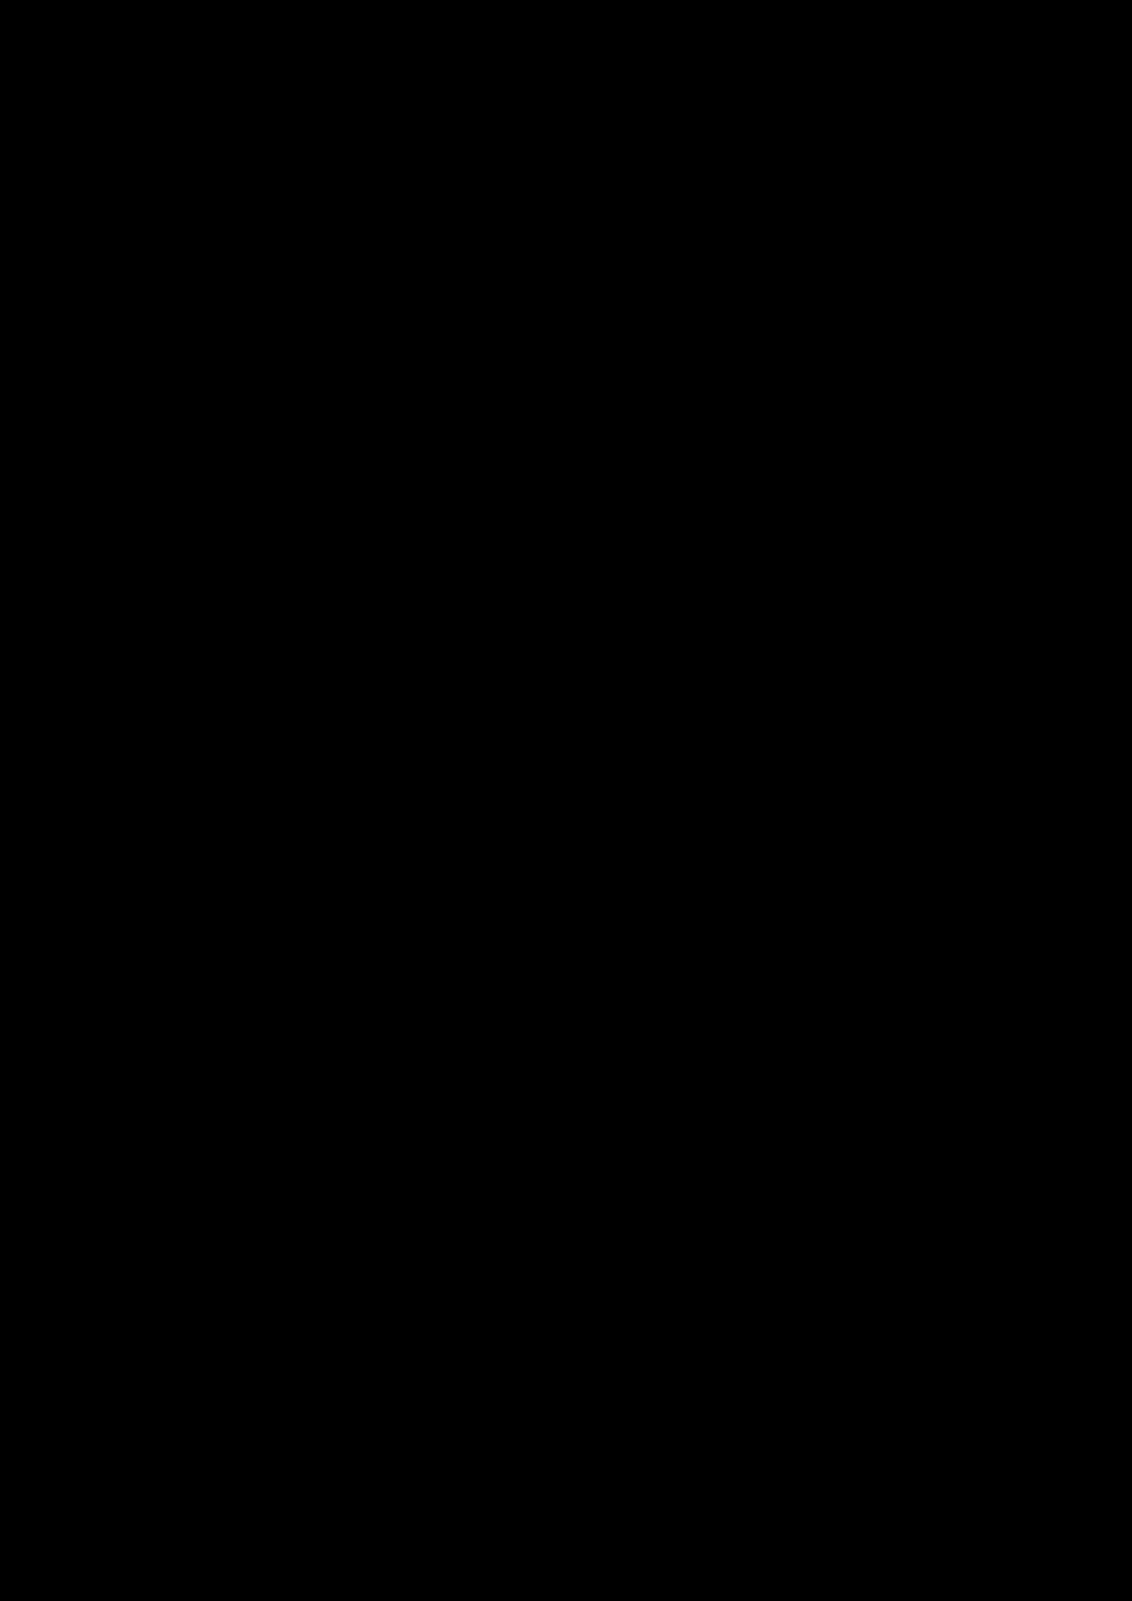 Prolog slide, Image 1